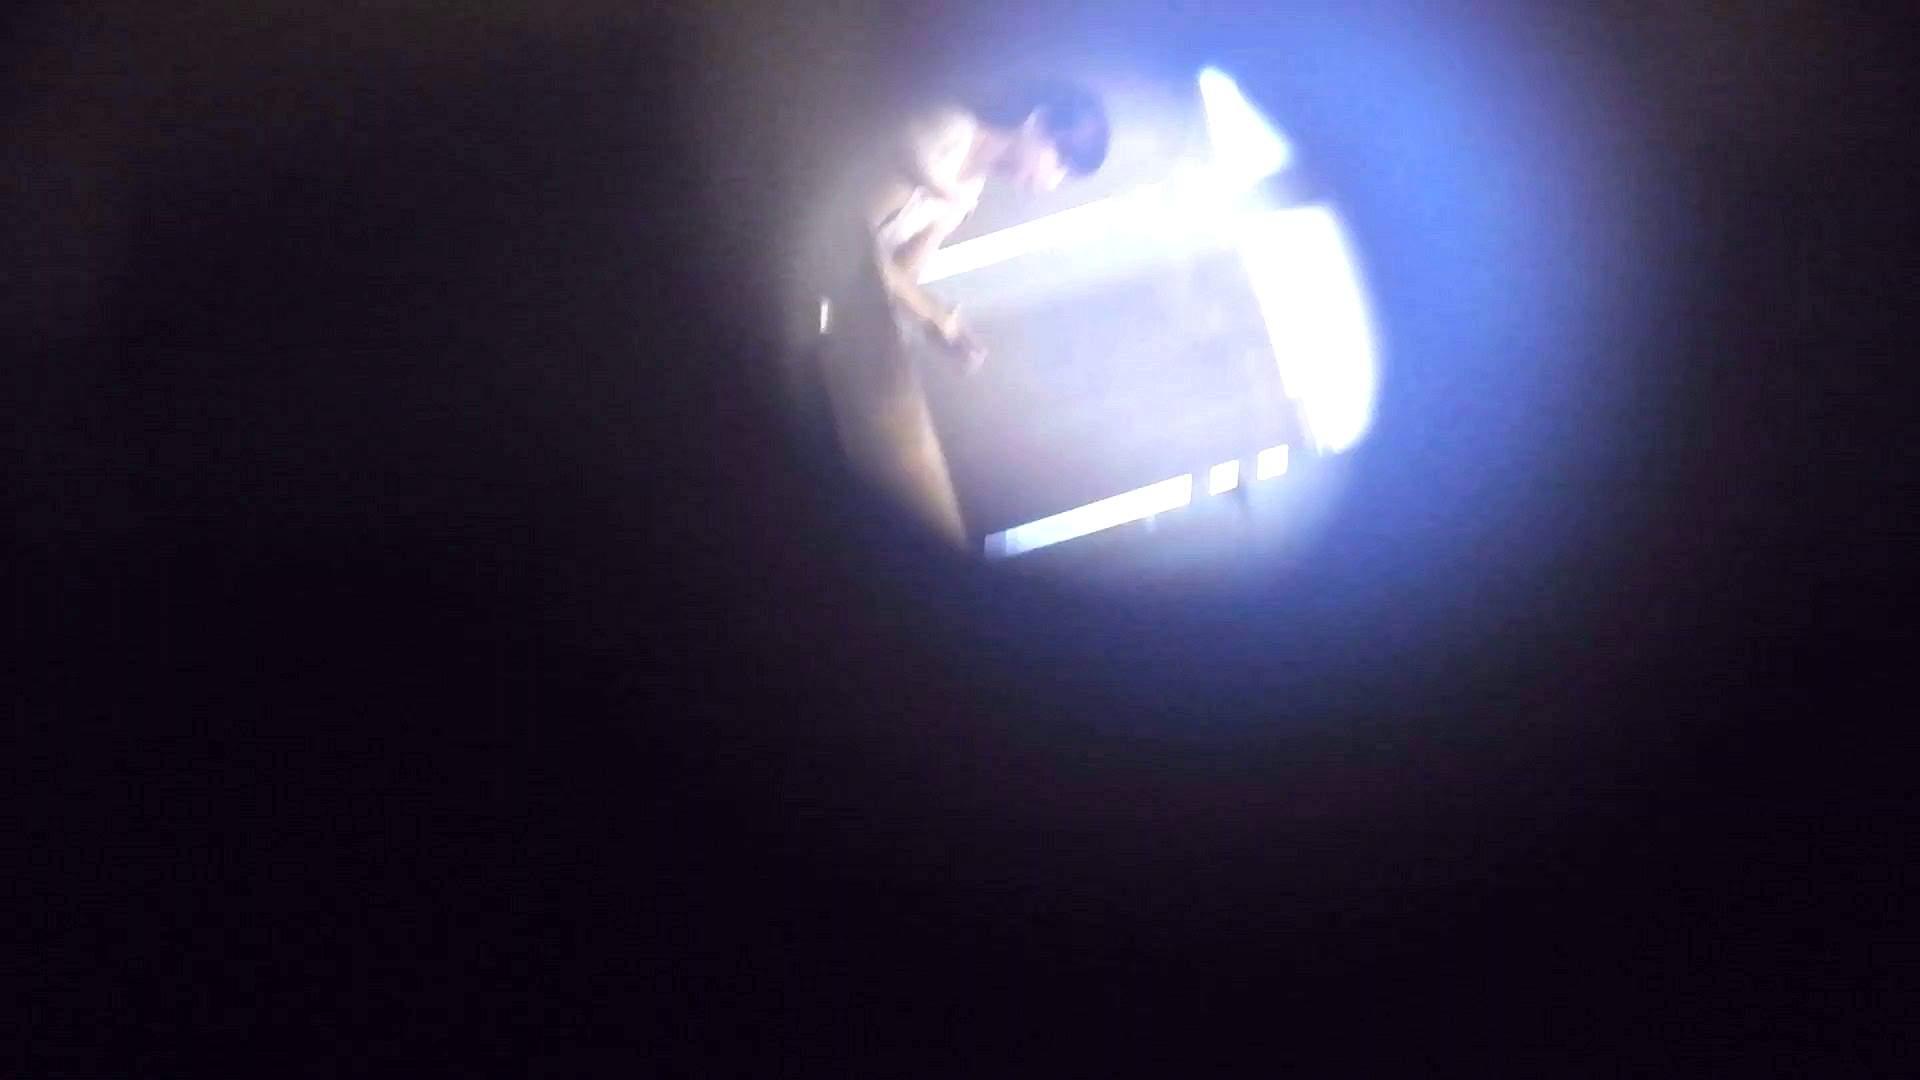 阿国ちゃんの「和式洋式七変化」No.4 洗面所のぞき アダルト動画キャプチャ 105枚 89